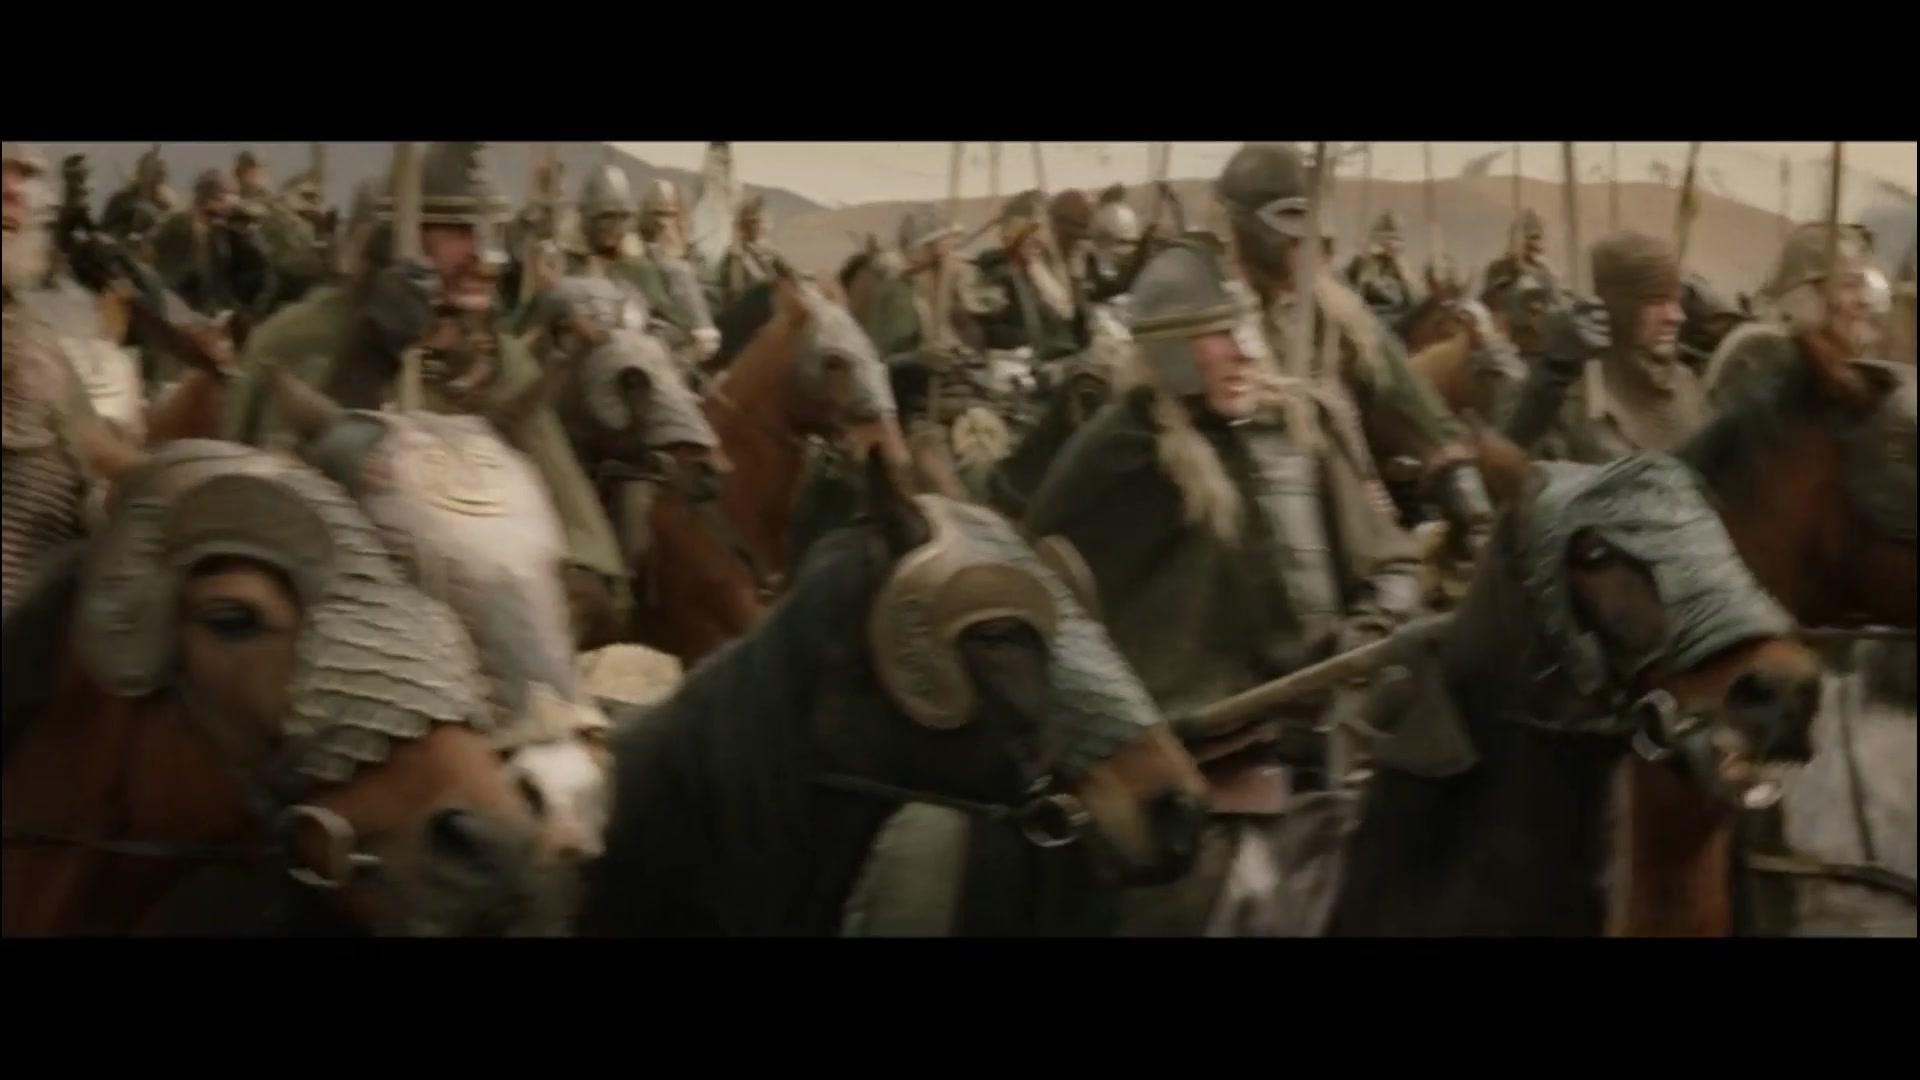 燃情岁月电影音乐_有哪些一战的经典电影-